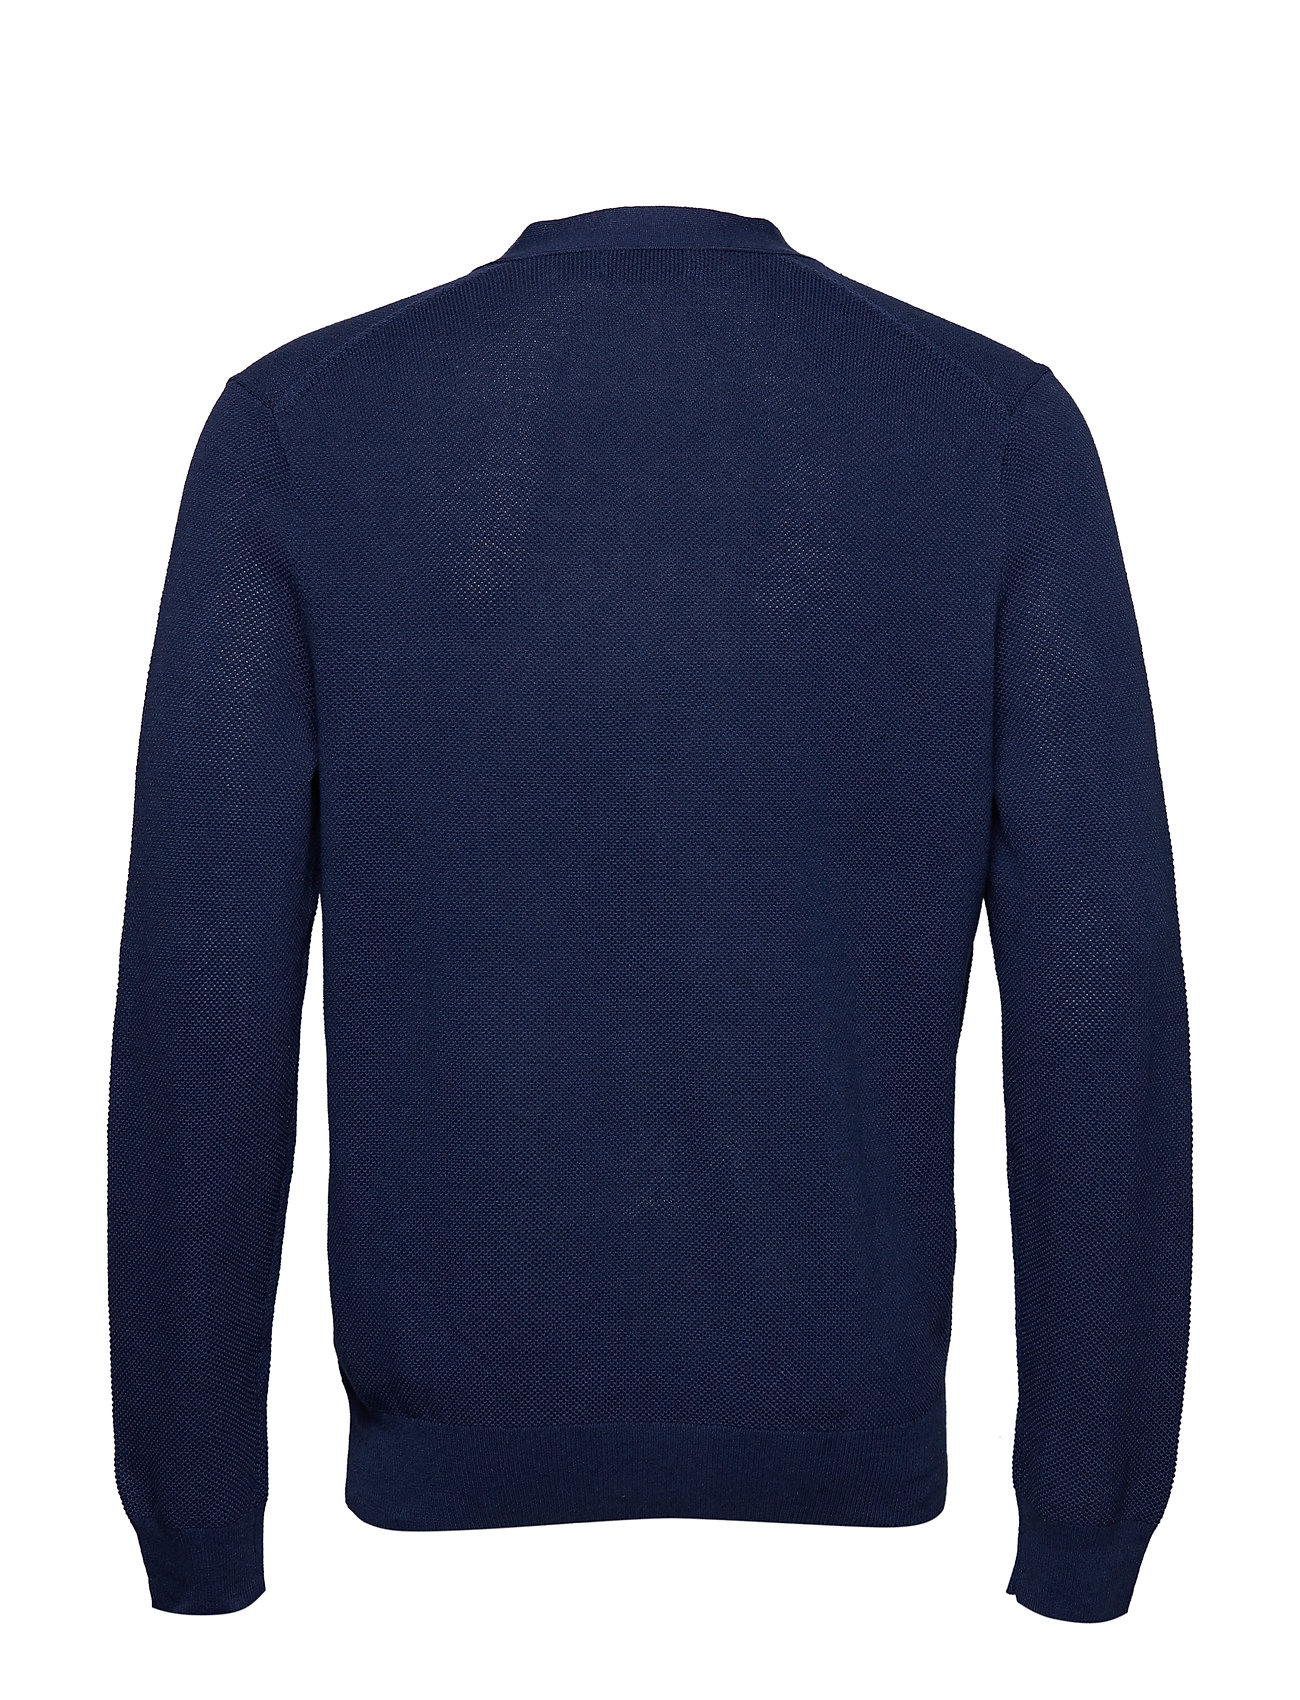 Ralph long sweaterdark Vn Cardi Sleeve CobaltPolo Ls Lauren bf67gy